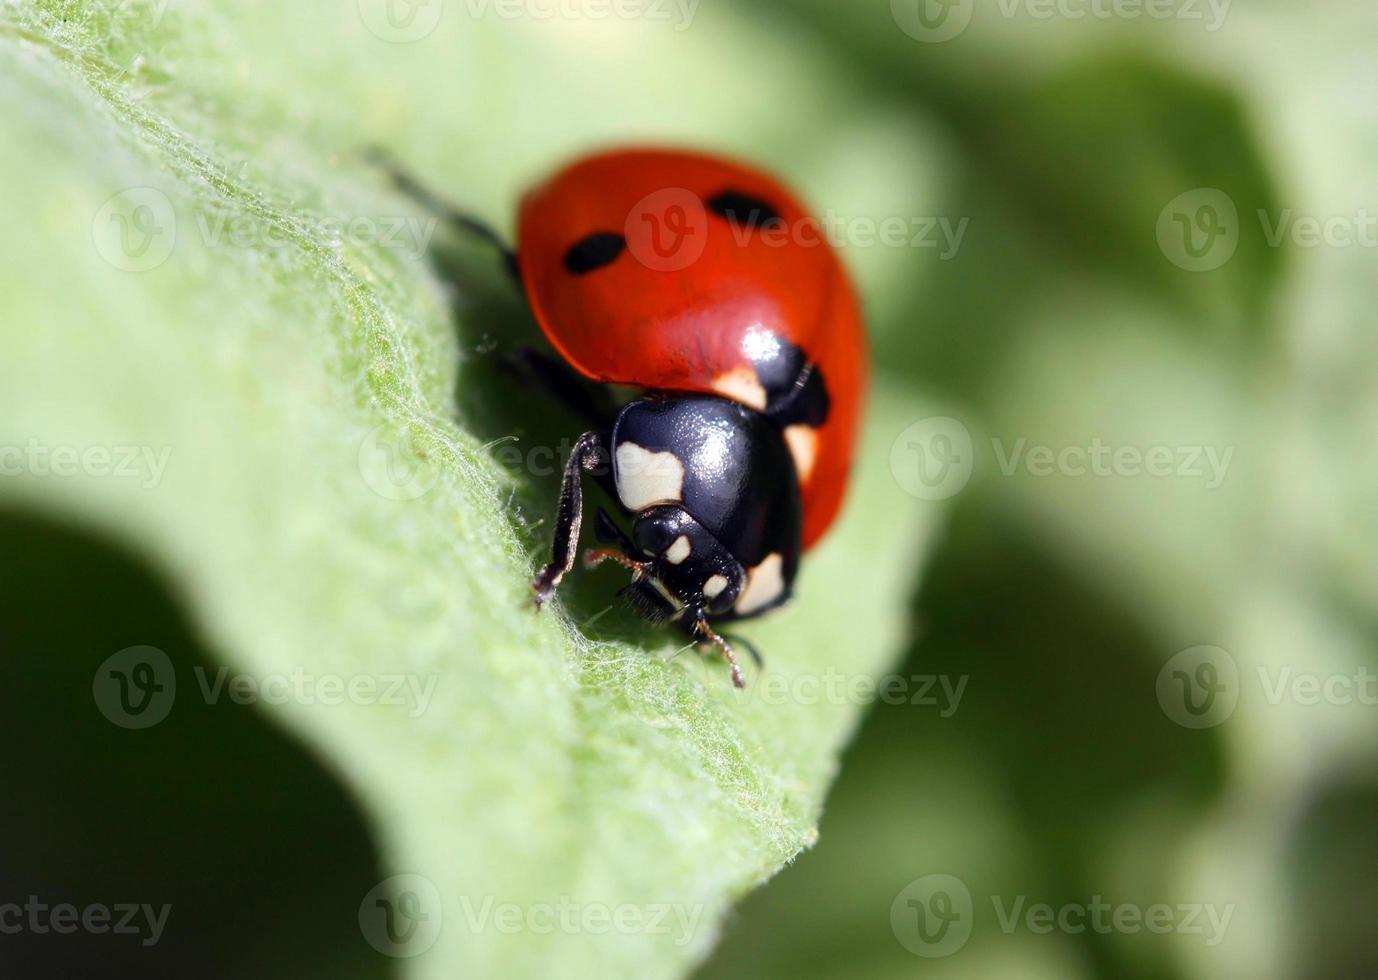 Red Ladybug photo